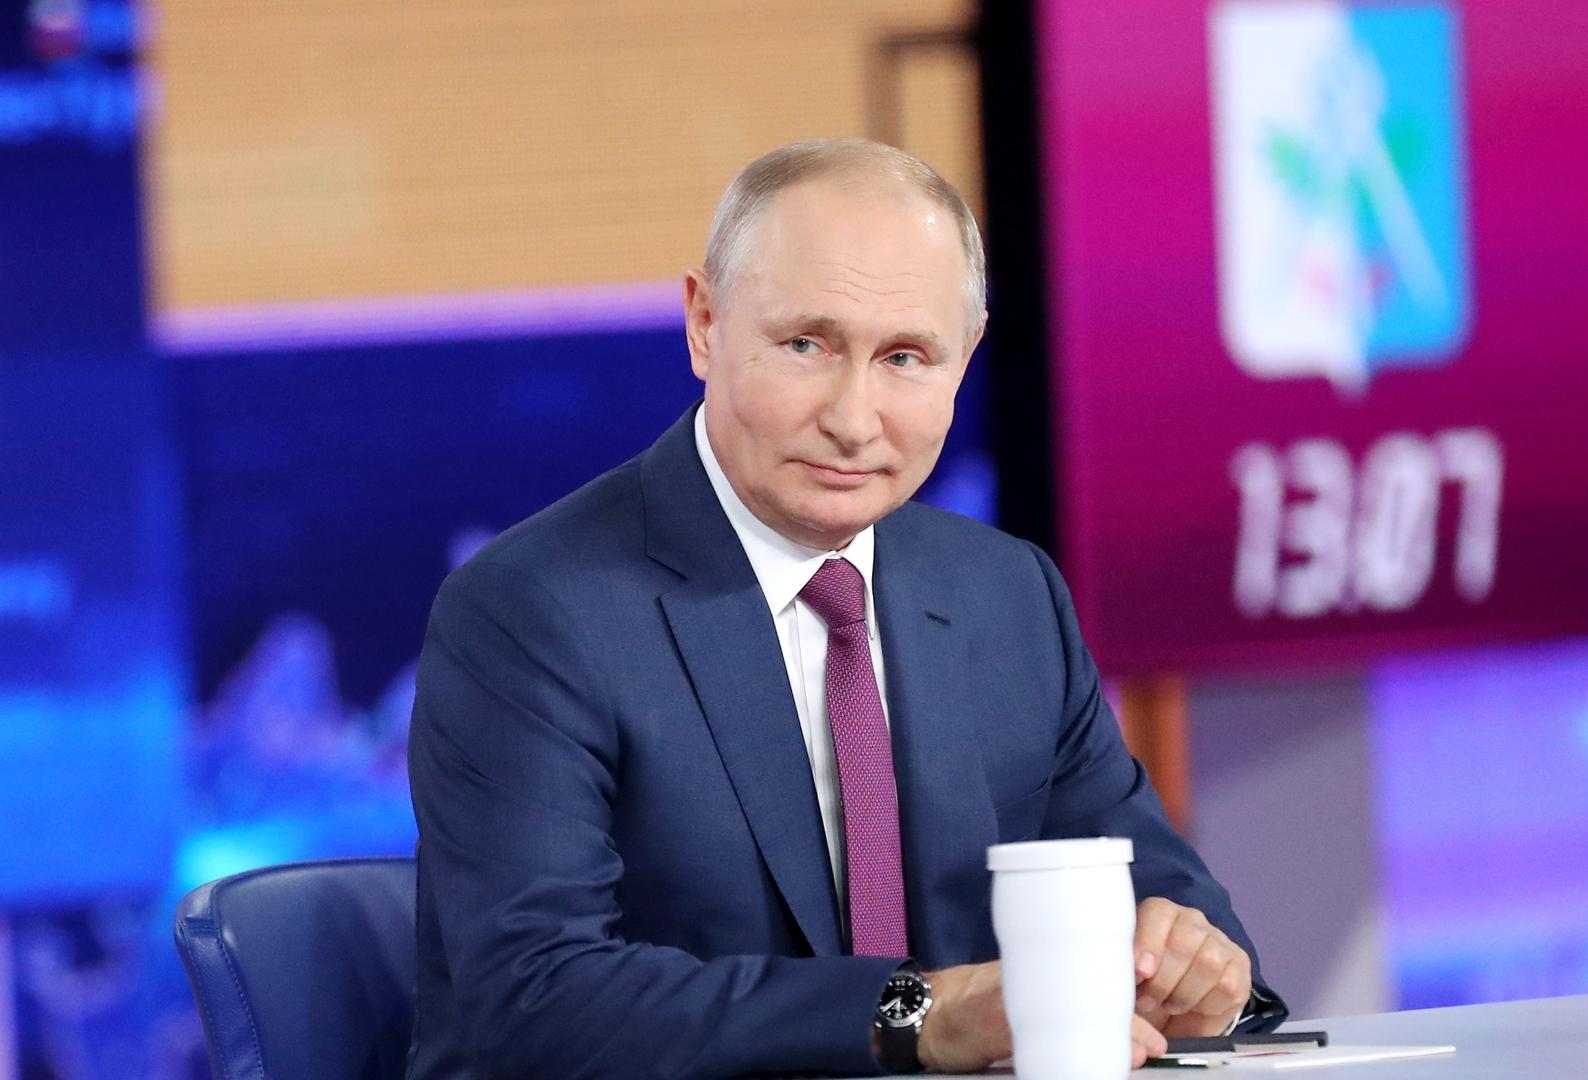 أسرار عسكرية واحتمال نشوب حرب عالمية ثالثة والطريق إلى السعادة في حوار بوتين المباشر